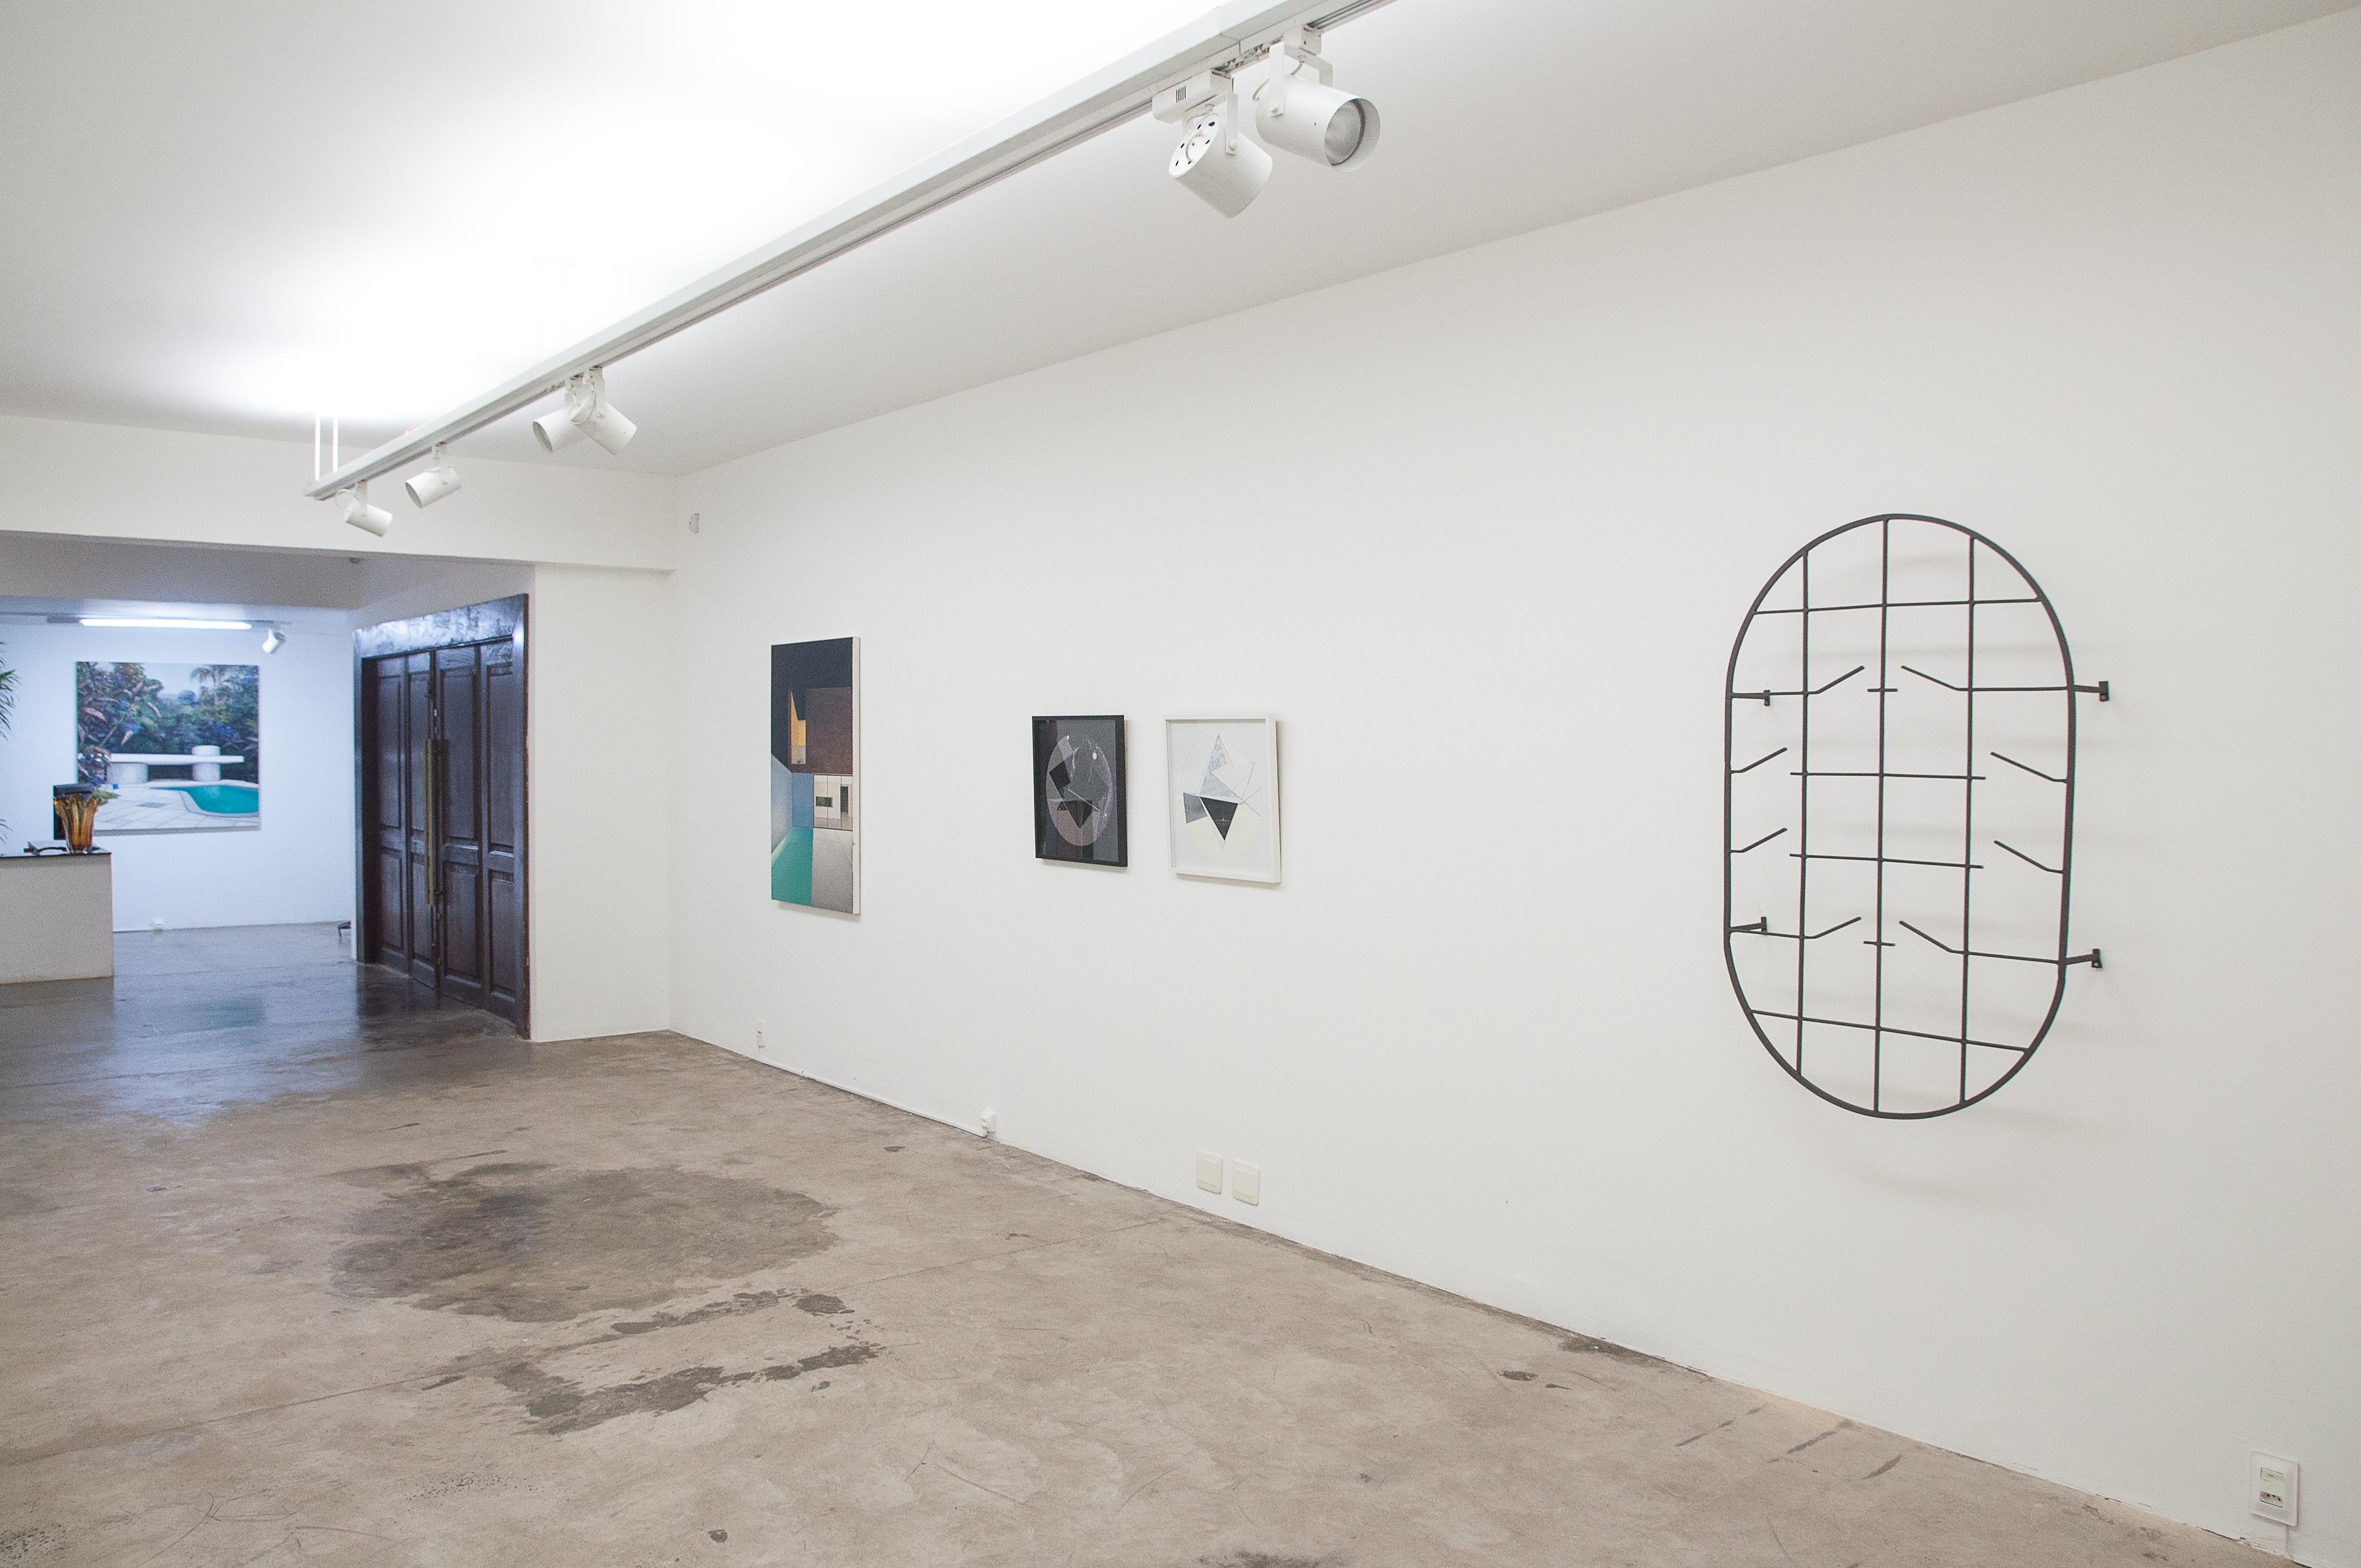 ala de Exposição 2 /Exhibition Room 2